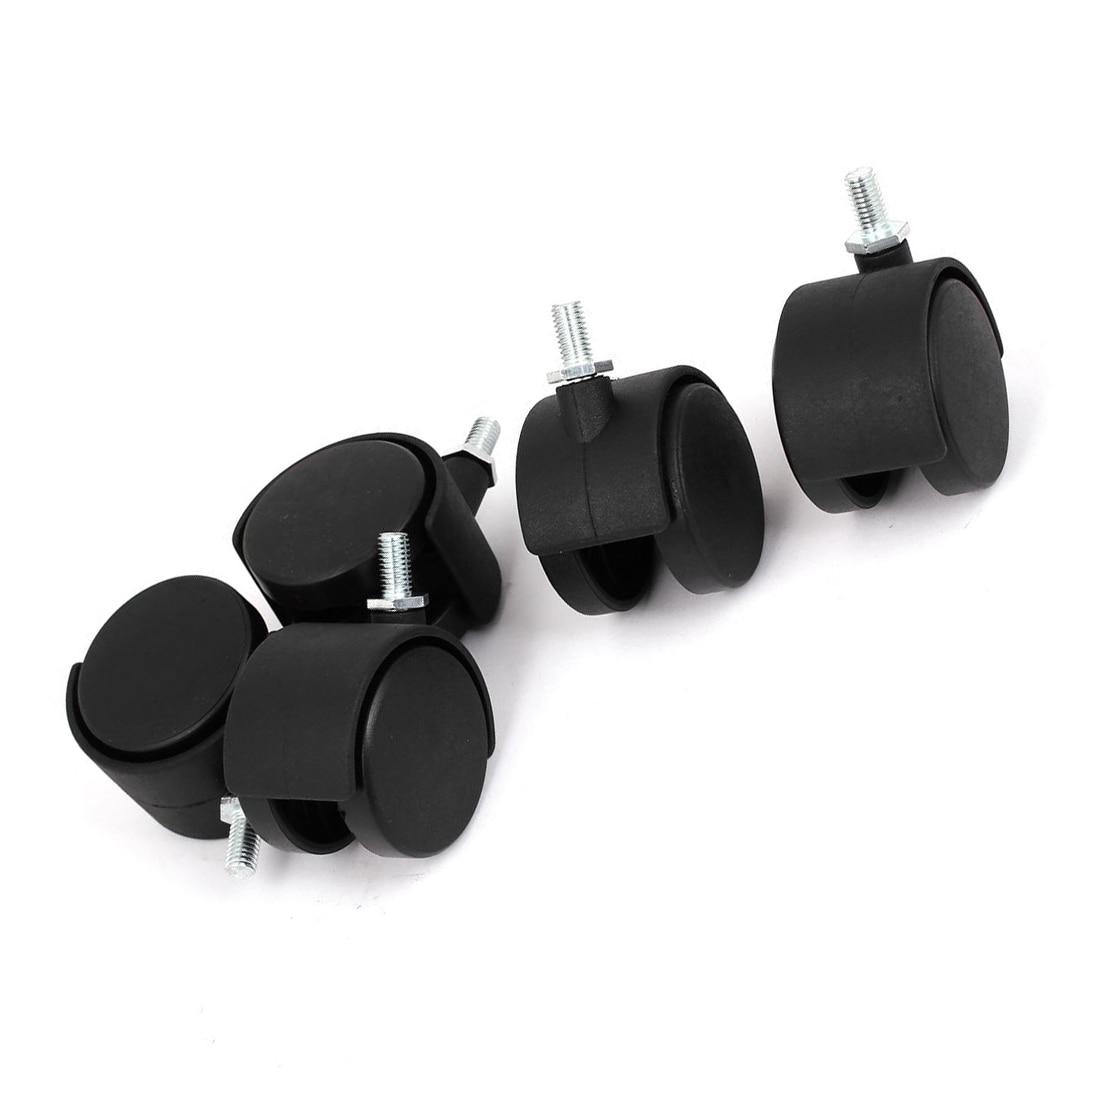 Tige filetée utile 10mm 2 pouces Dia roulette pivotante 5 pièces noir